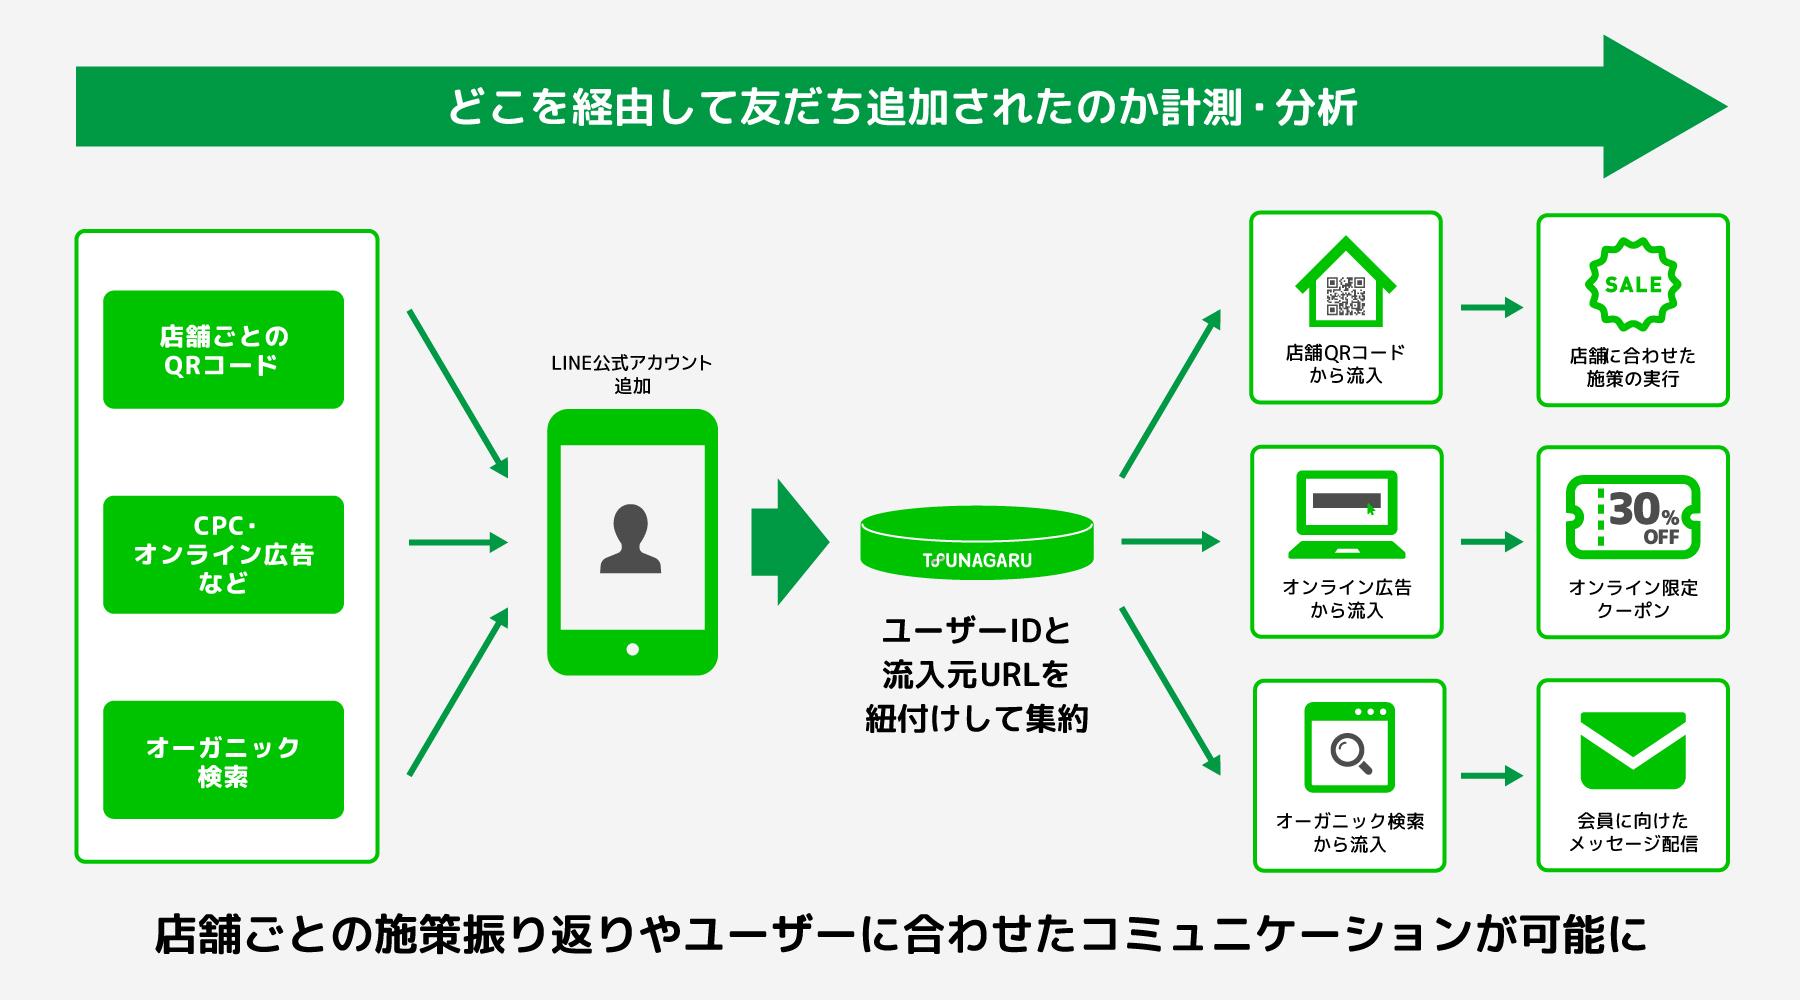 オプトの「TSUNAGARU」、LINE公式アカウントへの「友だち追加」流入経路の計測・分析が可能に